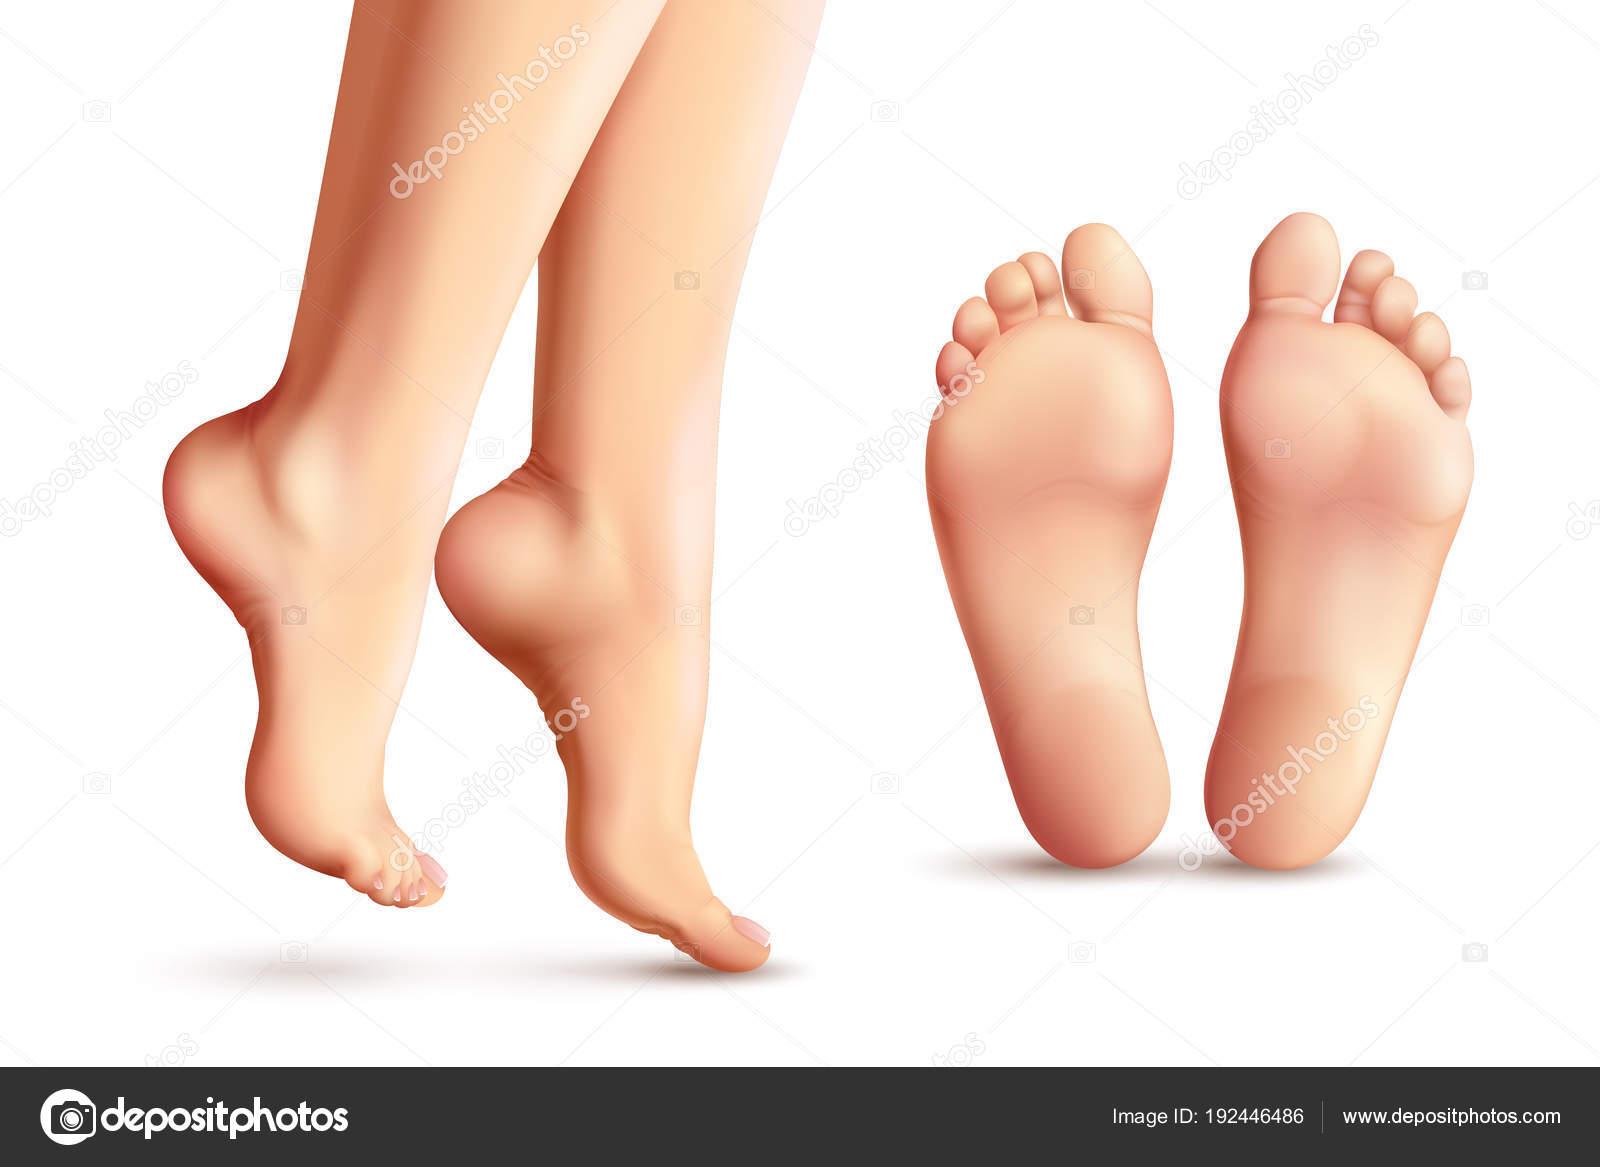 Weibliche Fußsohlen